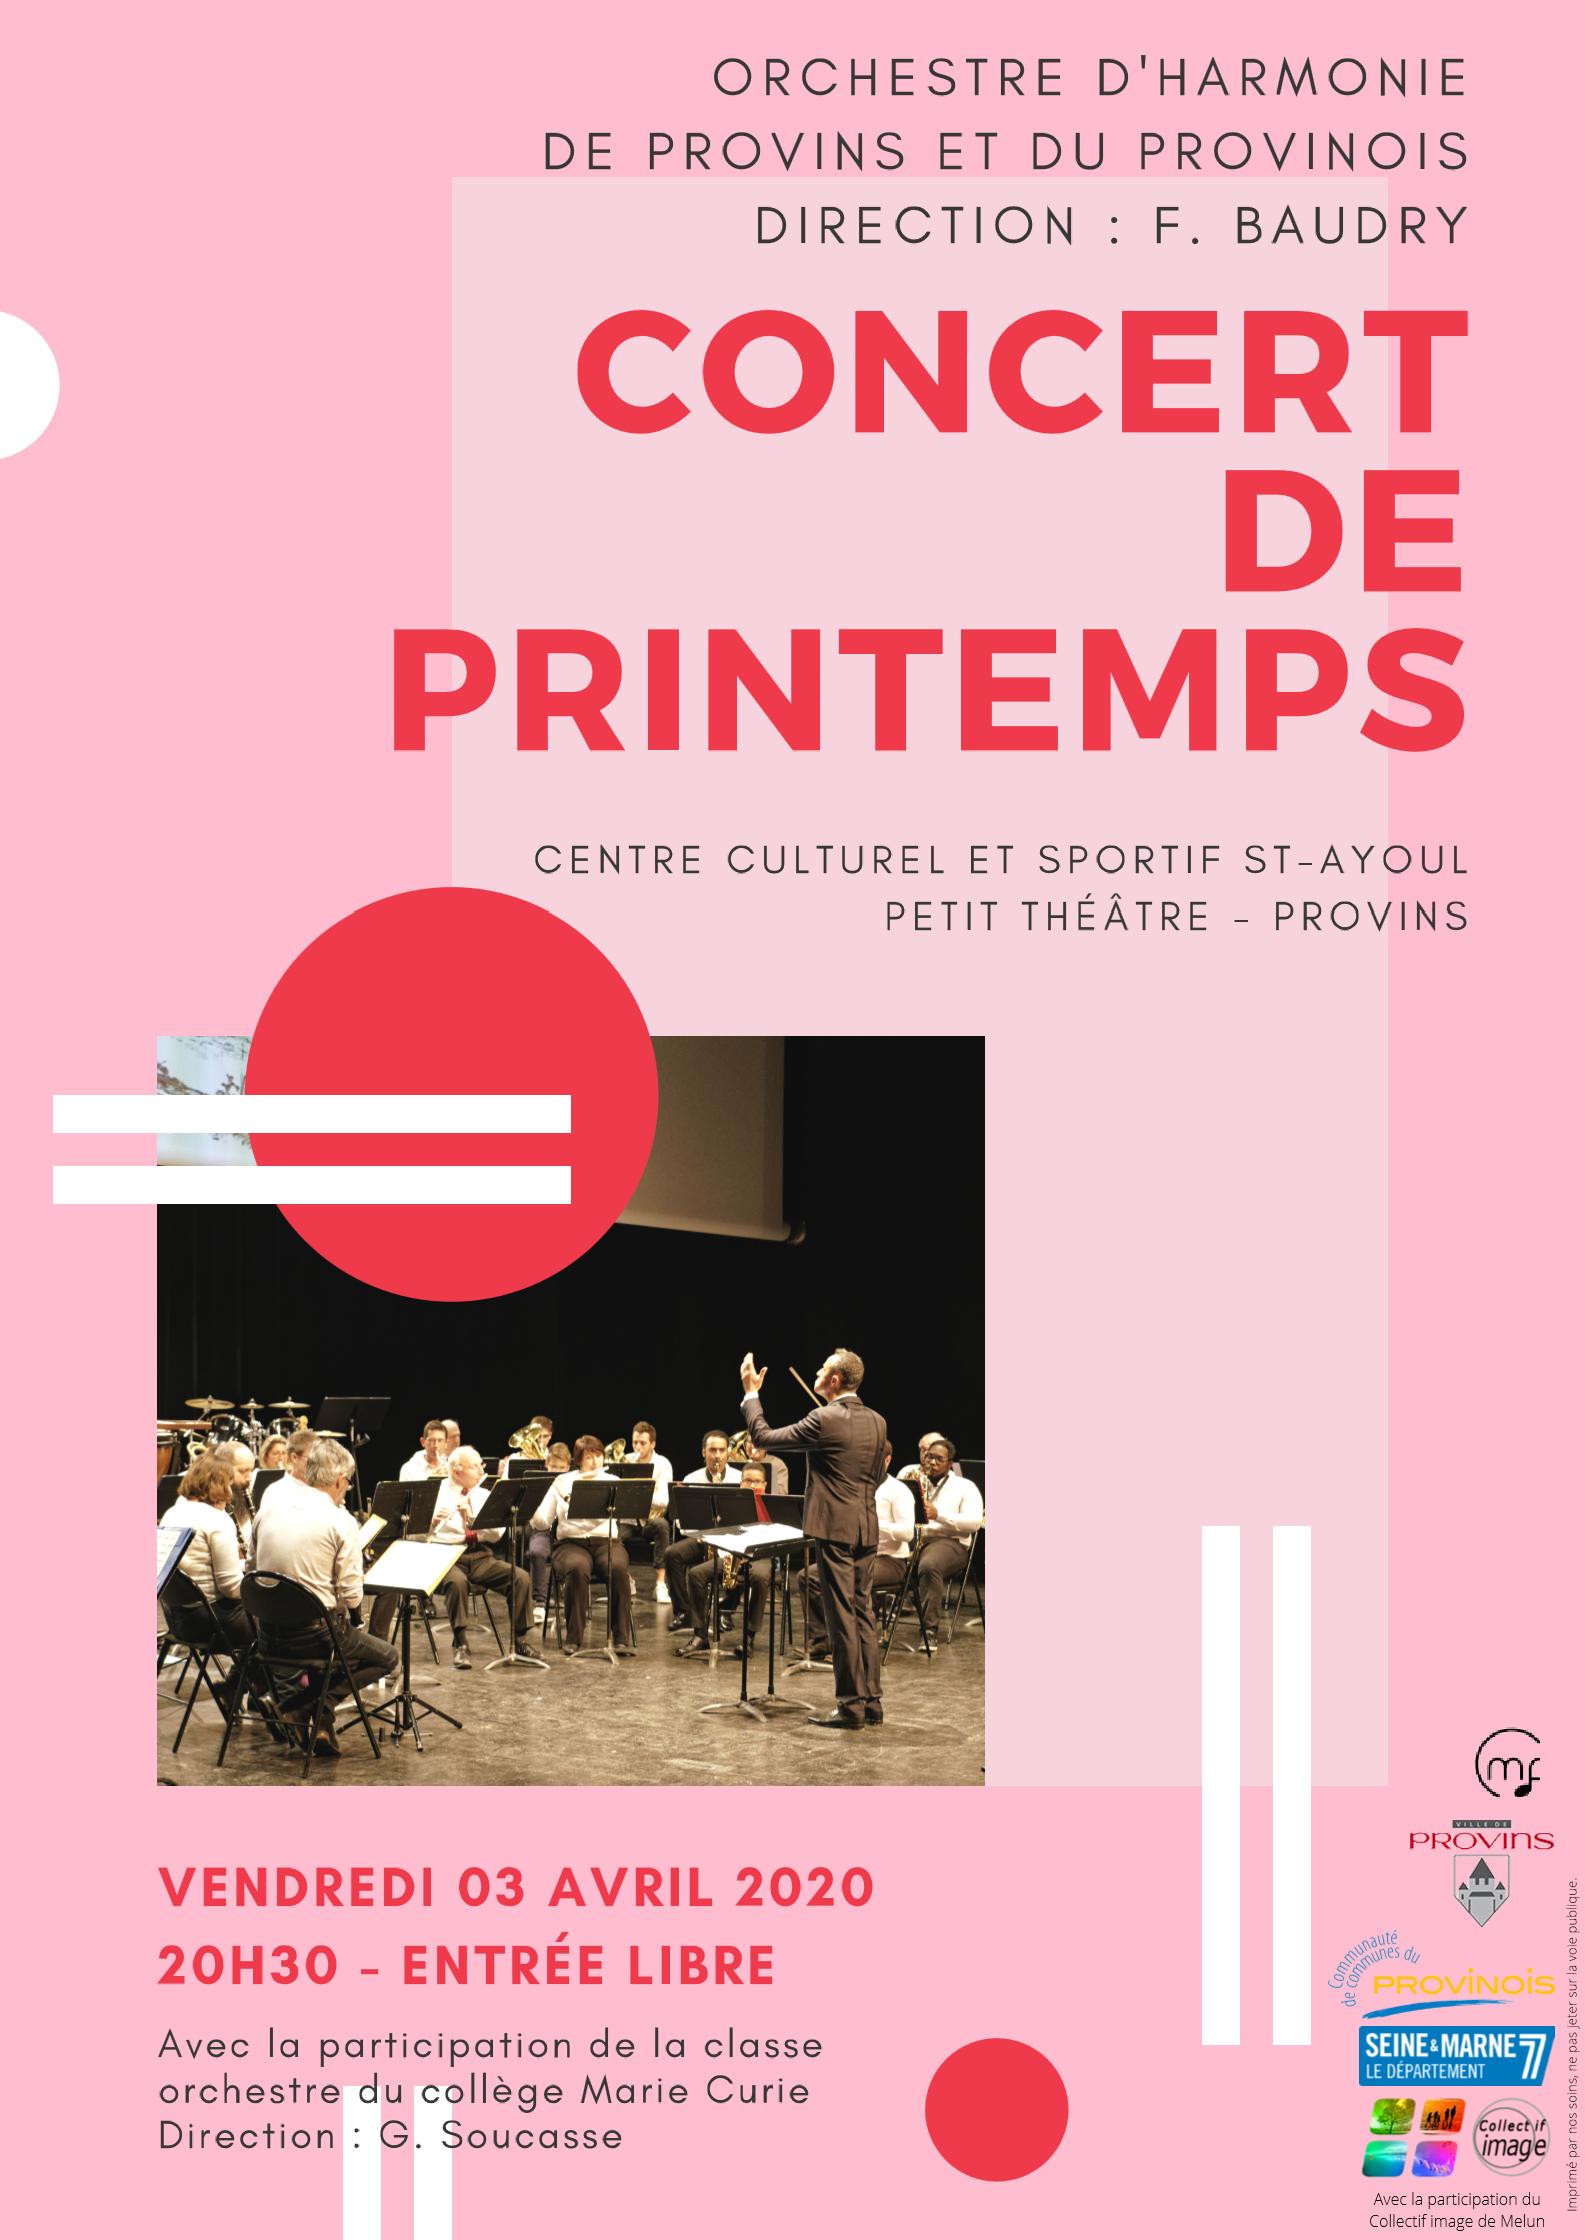 Orchestre d'harmonie de Provins et du Provinois @ Centre culturel Provins